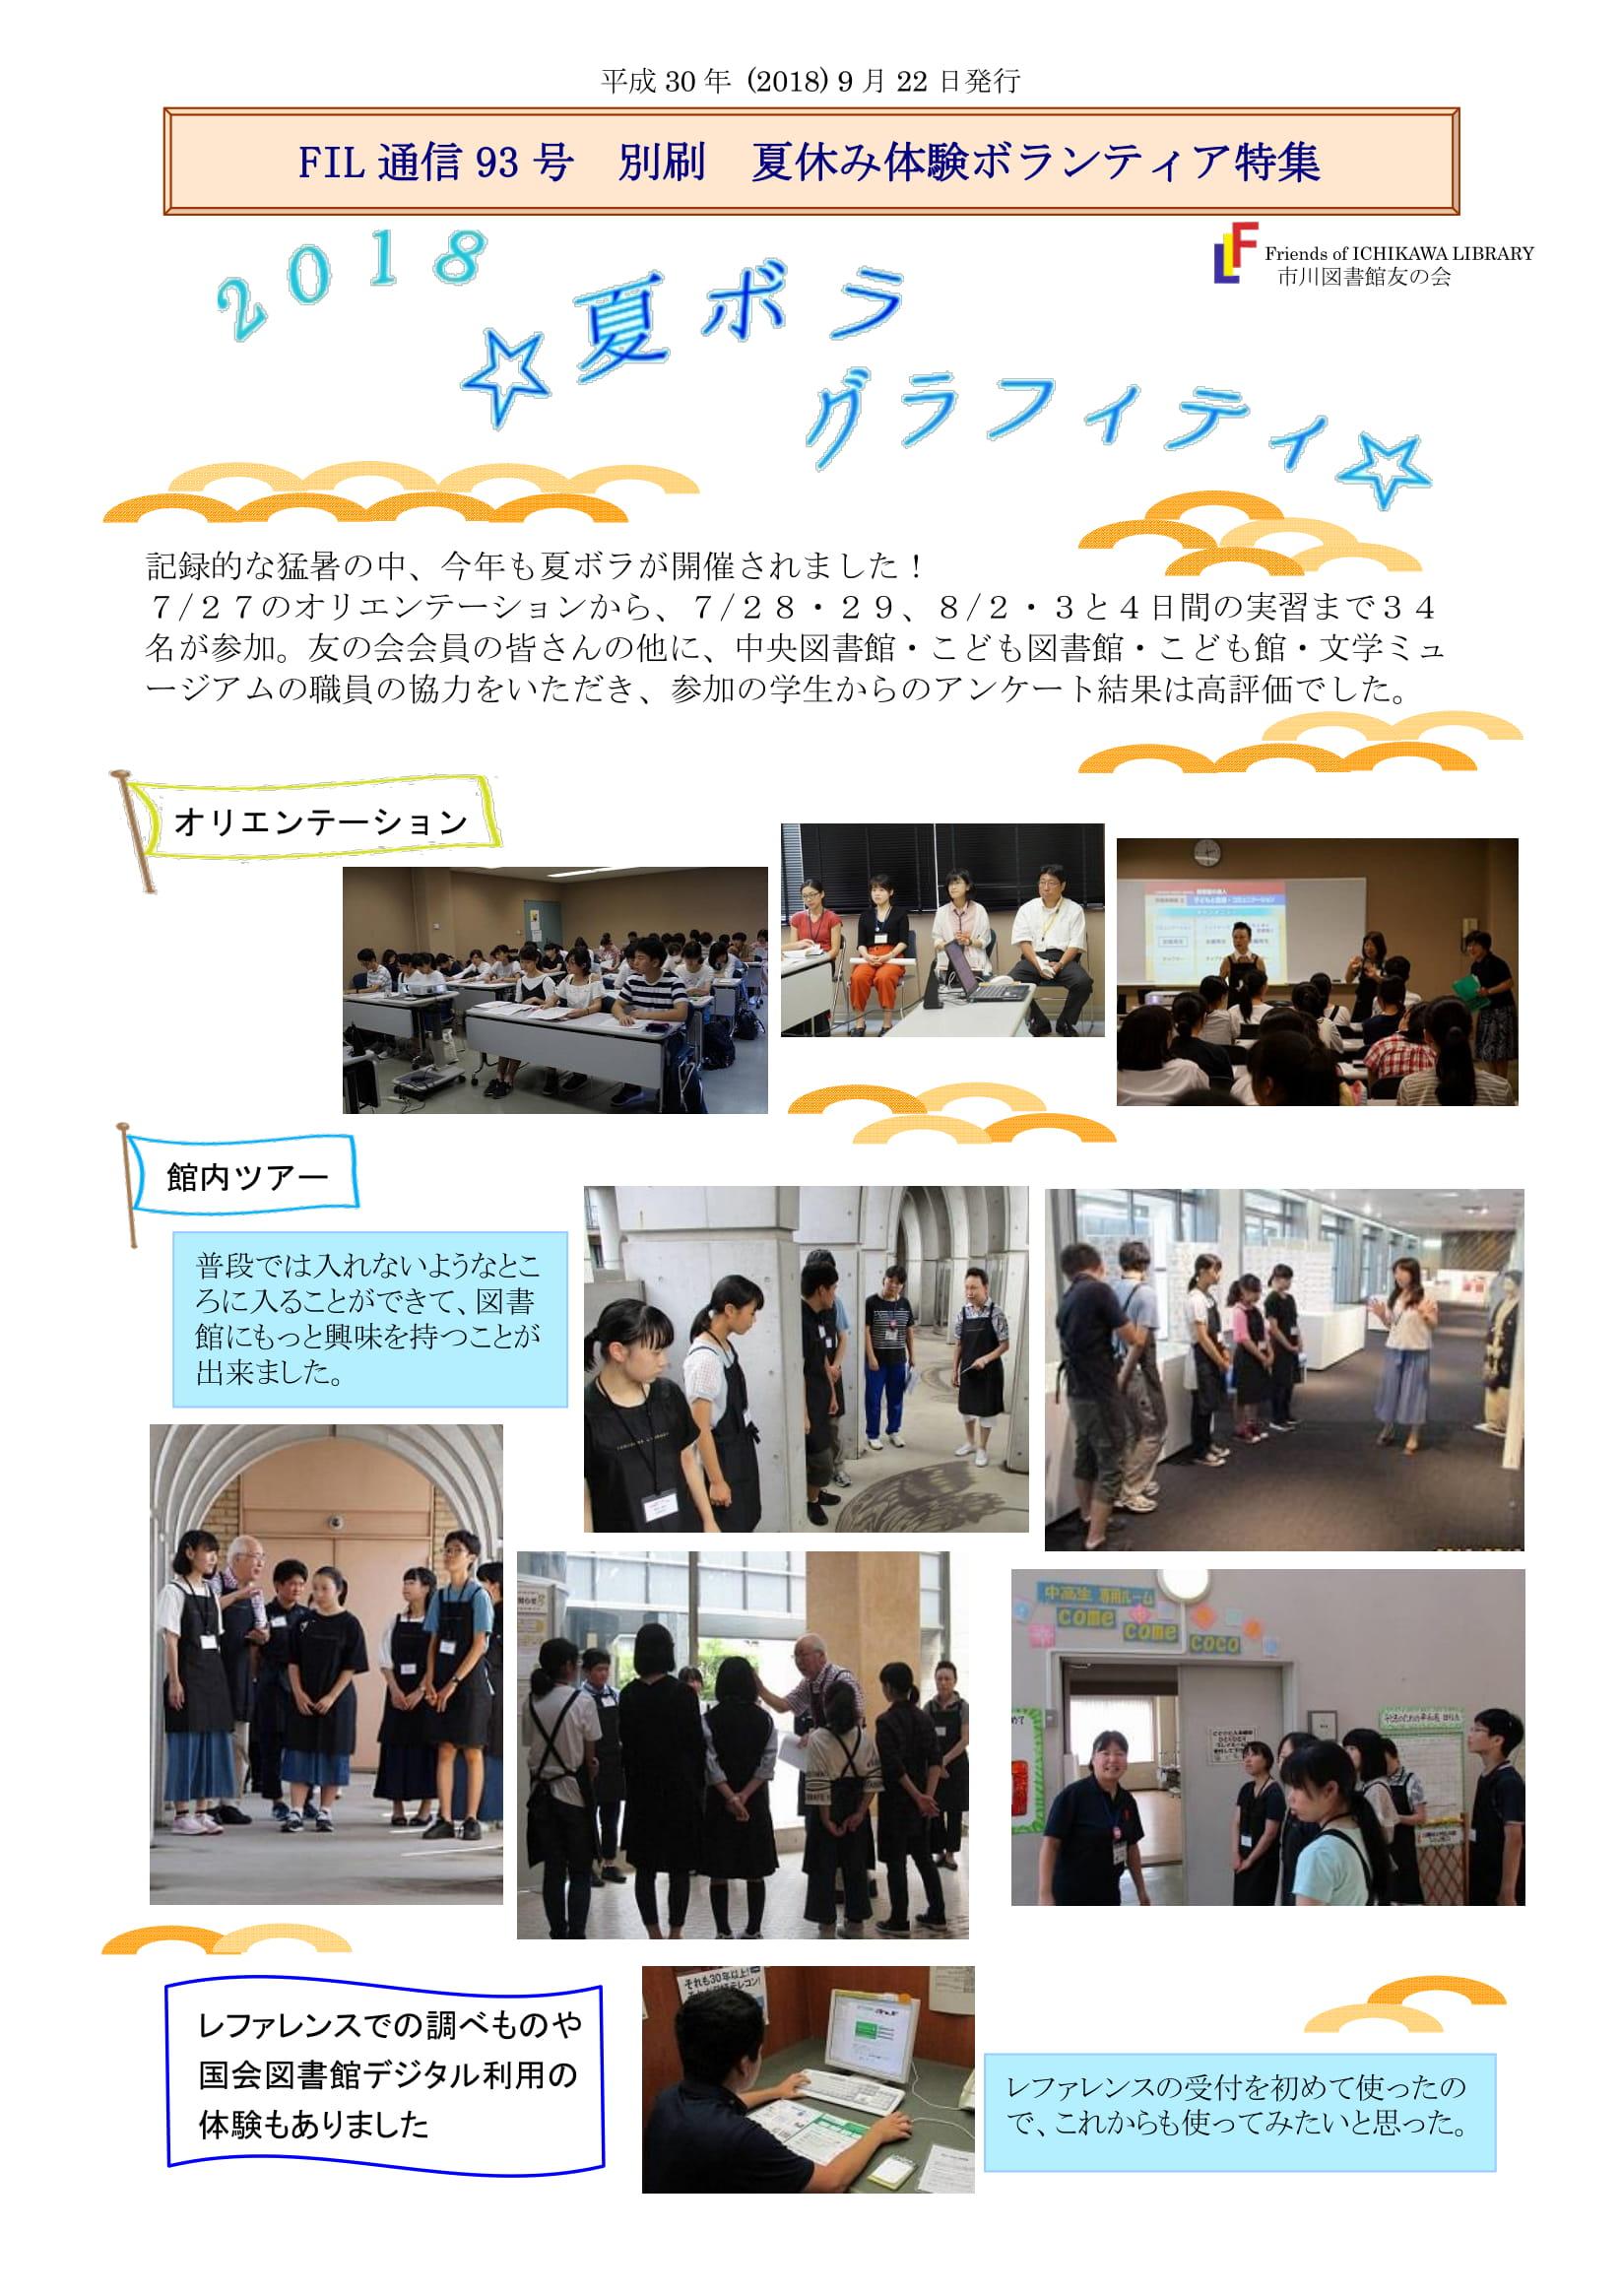 FIL通信 夏ボラ -1